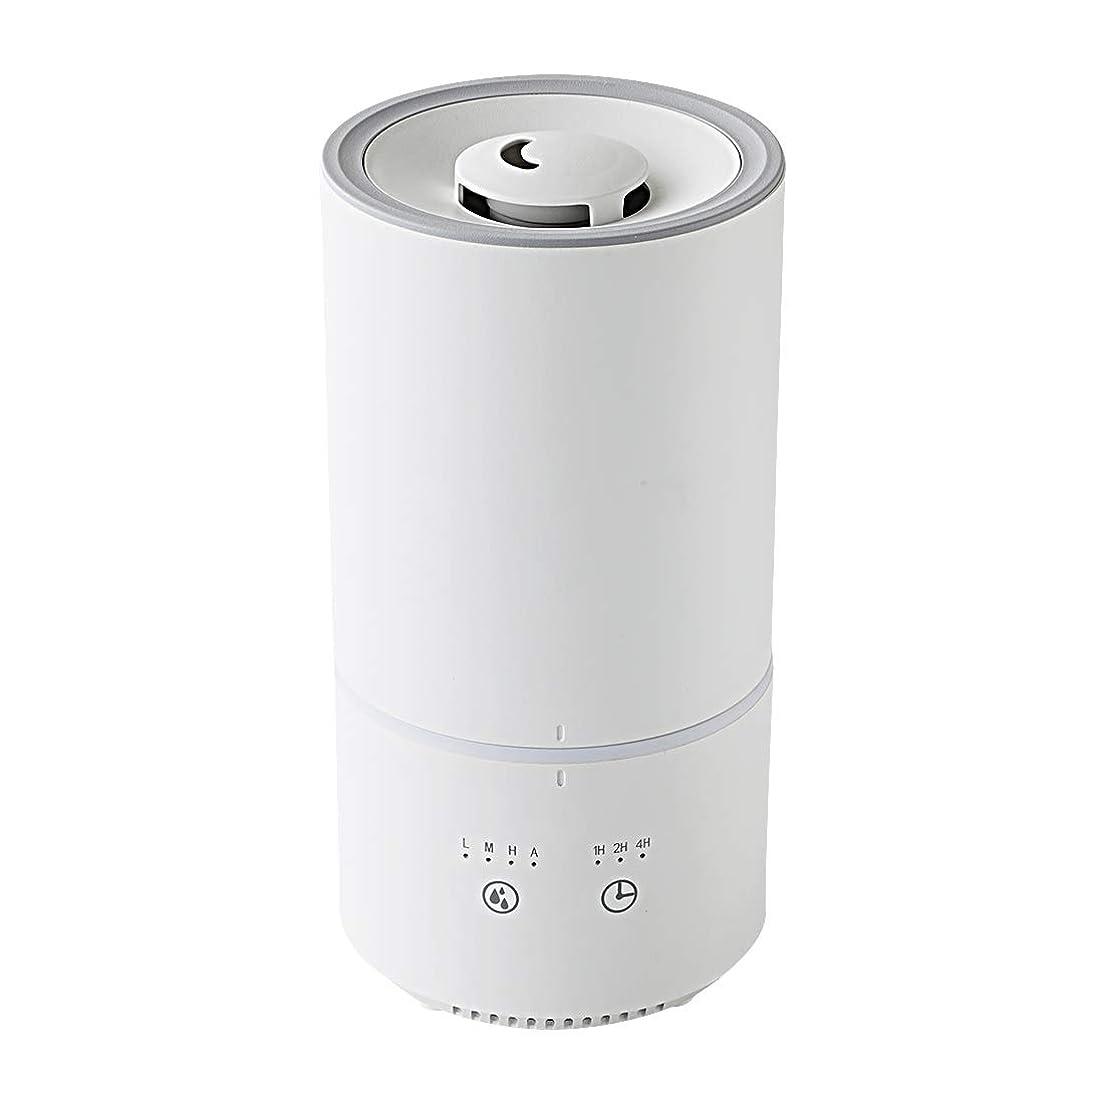 どこでも求人目を覚ますキシマ(Kishima) 卓上 加湿器 上から給水 1L 200ml/h アロマ対応 超音波 LEDライト ミスト調整 スリムタイプ ホワイト